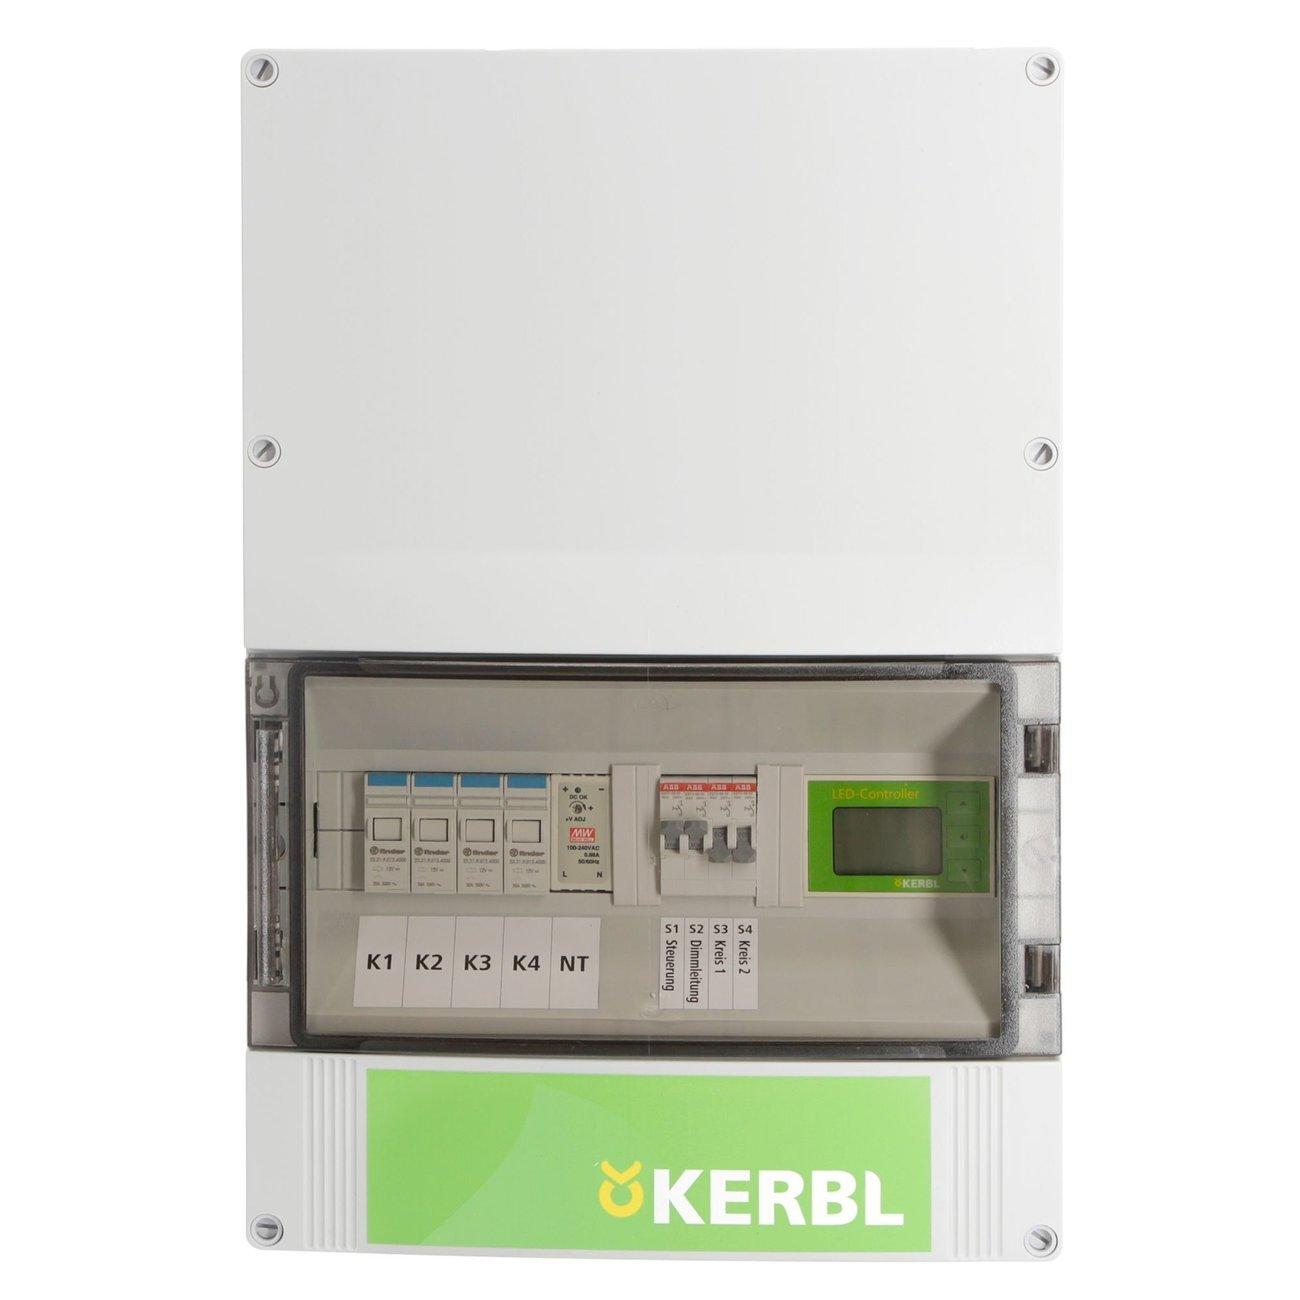 Kerbl Steuerung für LED Hallen Beleuchtung, Bild 3